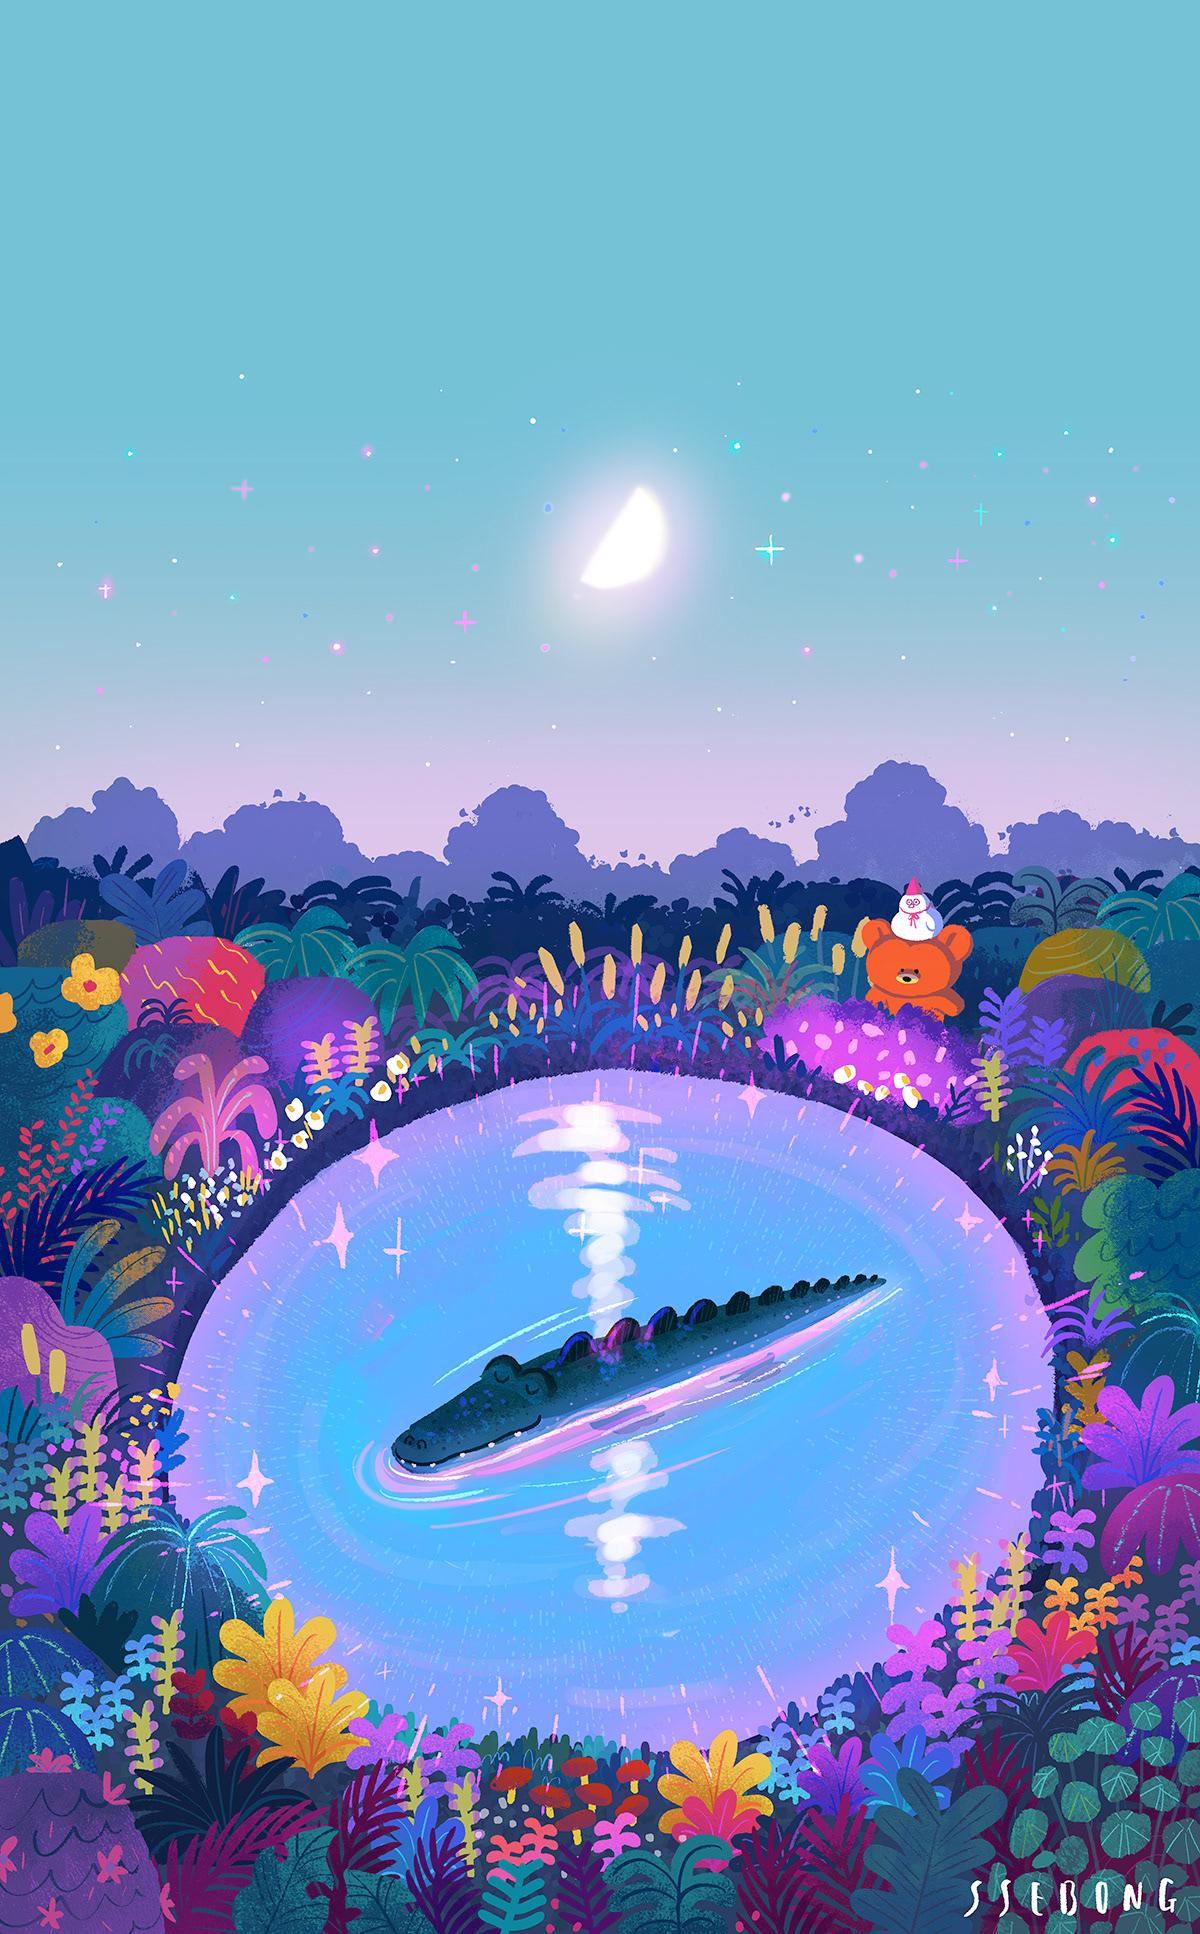 Image may contain: cartoon and moon